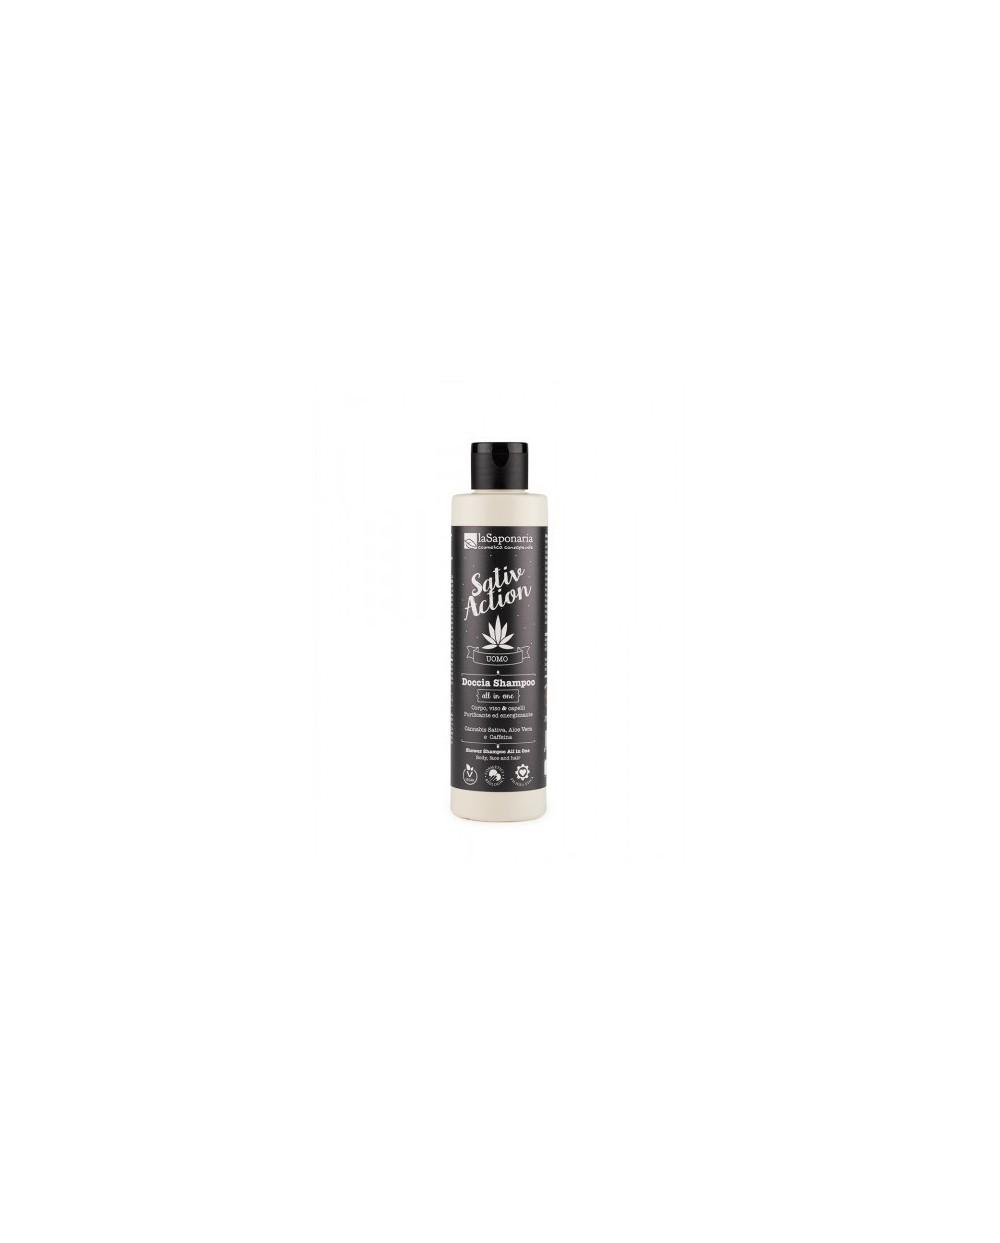 La Saponaria - linea uomo - Doccia Shampoo All in one